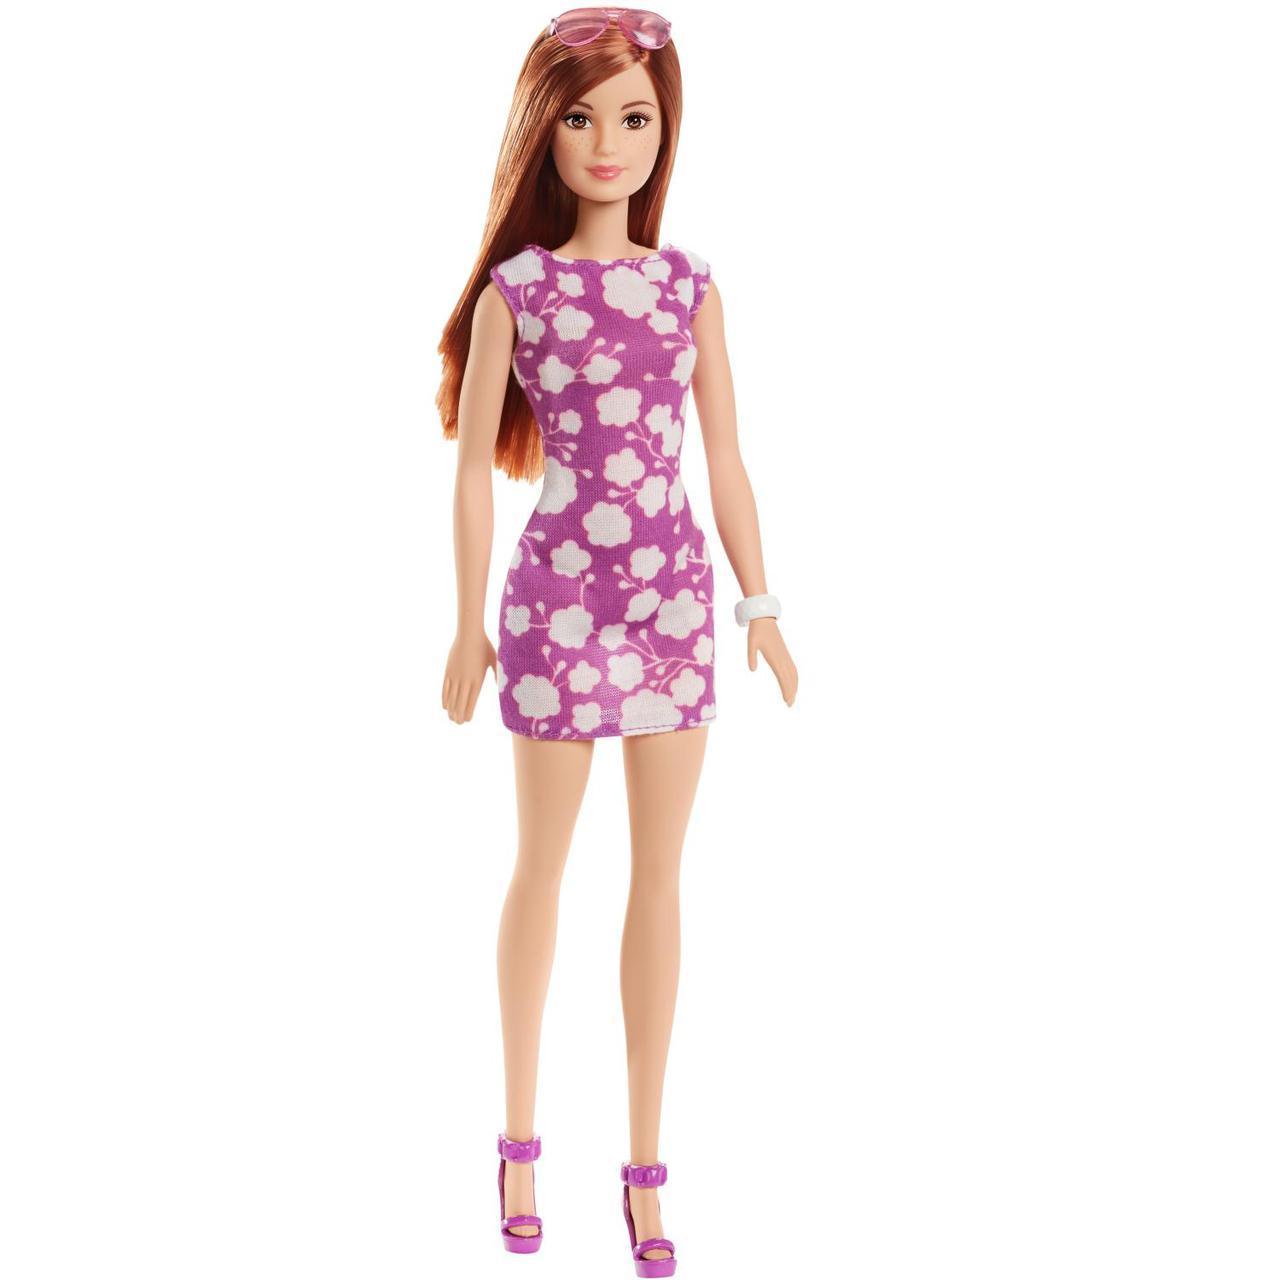 Barbie Кукла Барби Рыжая в лиловом платье